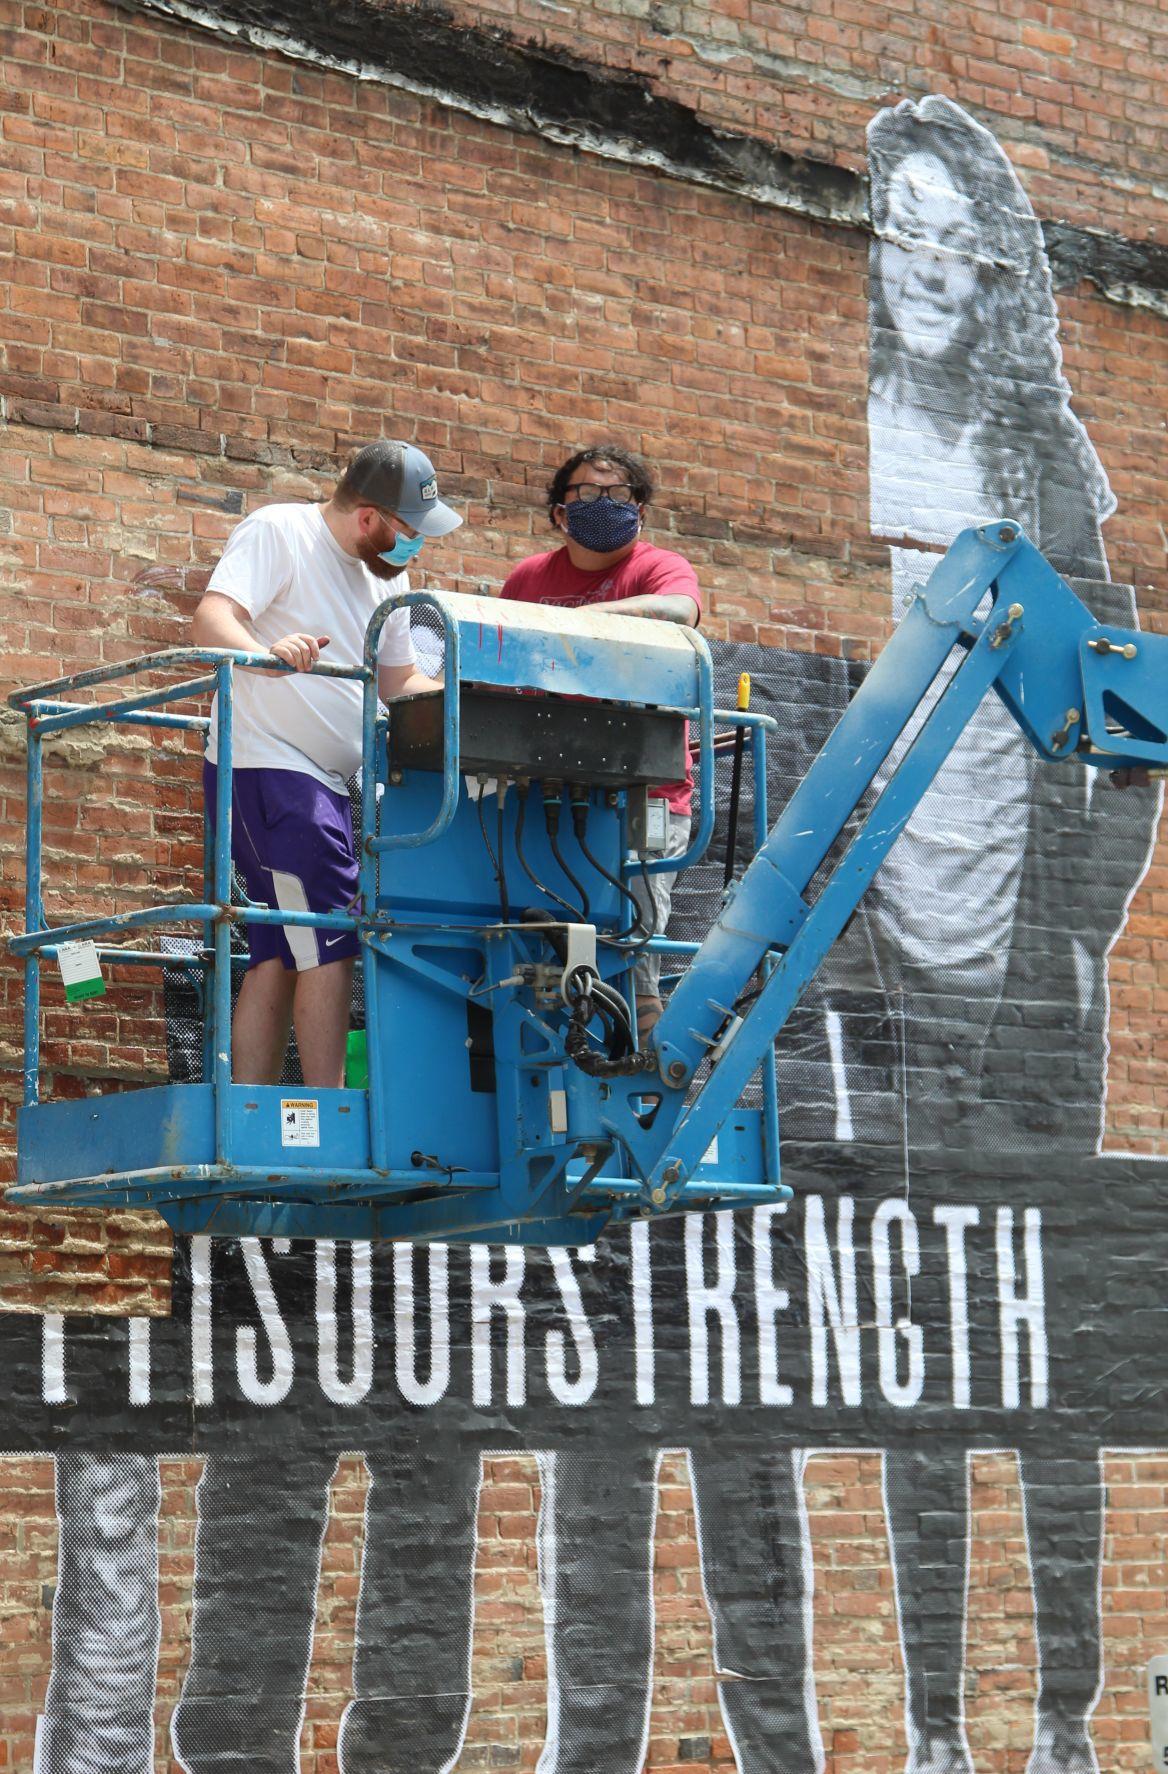 062320jr-social-justice-mural-2